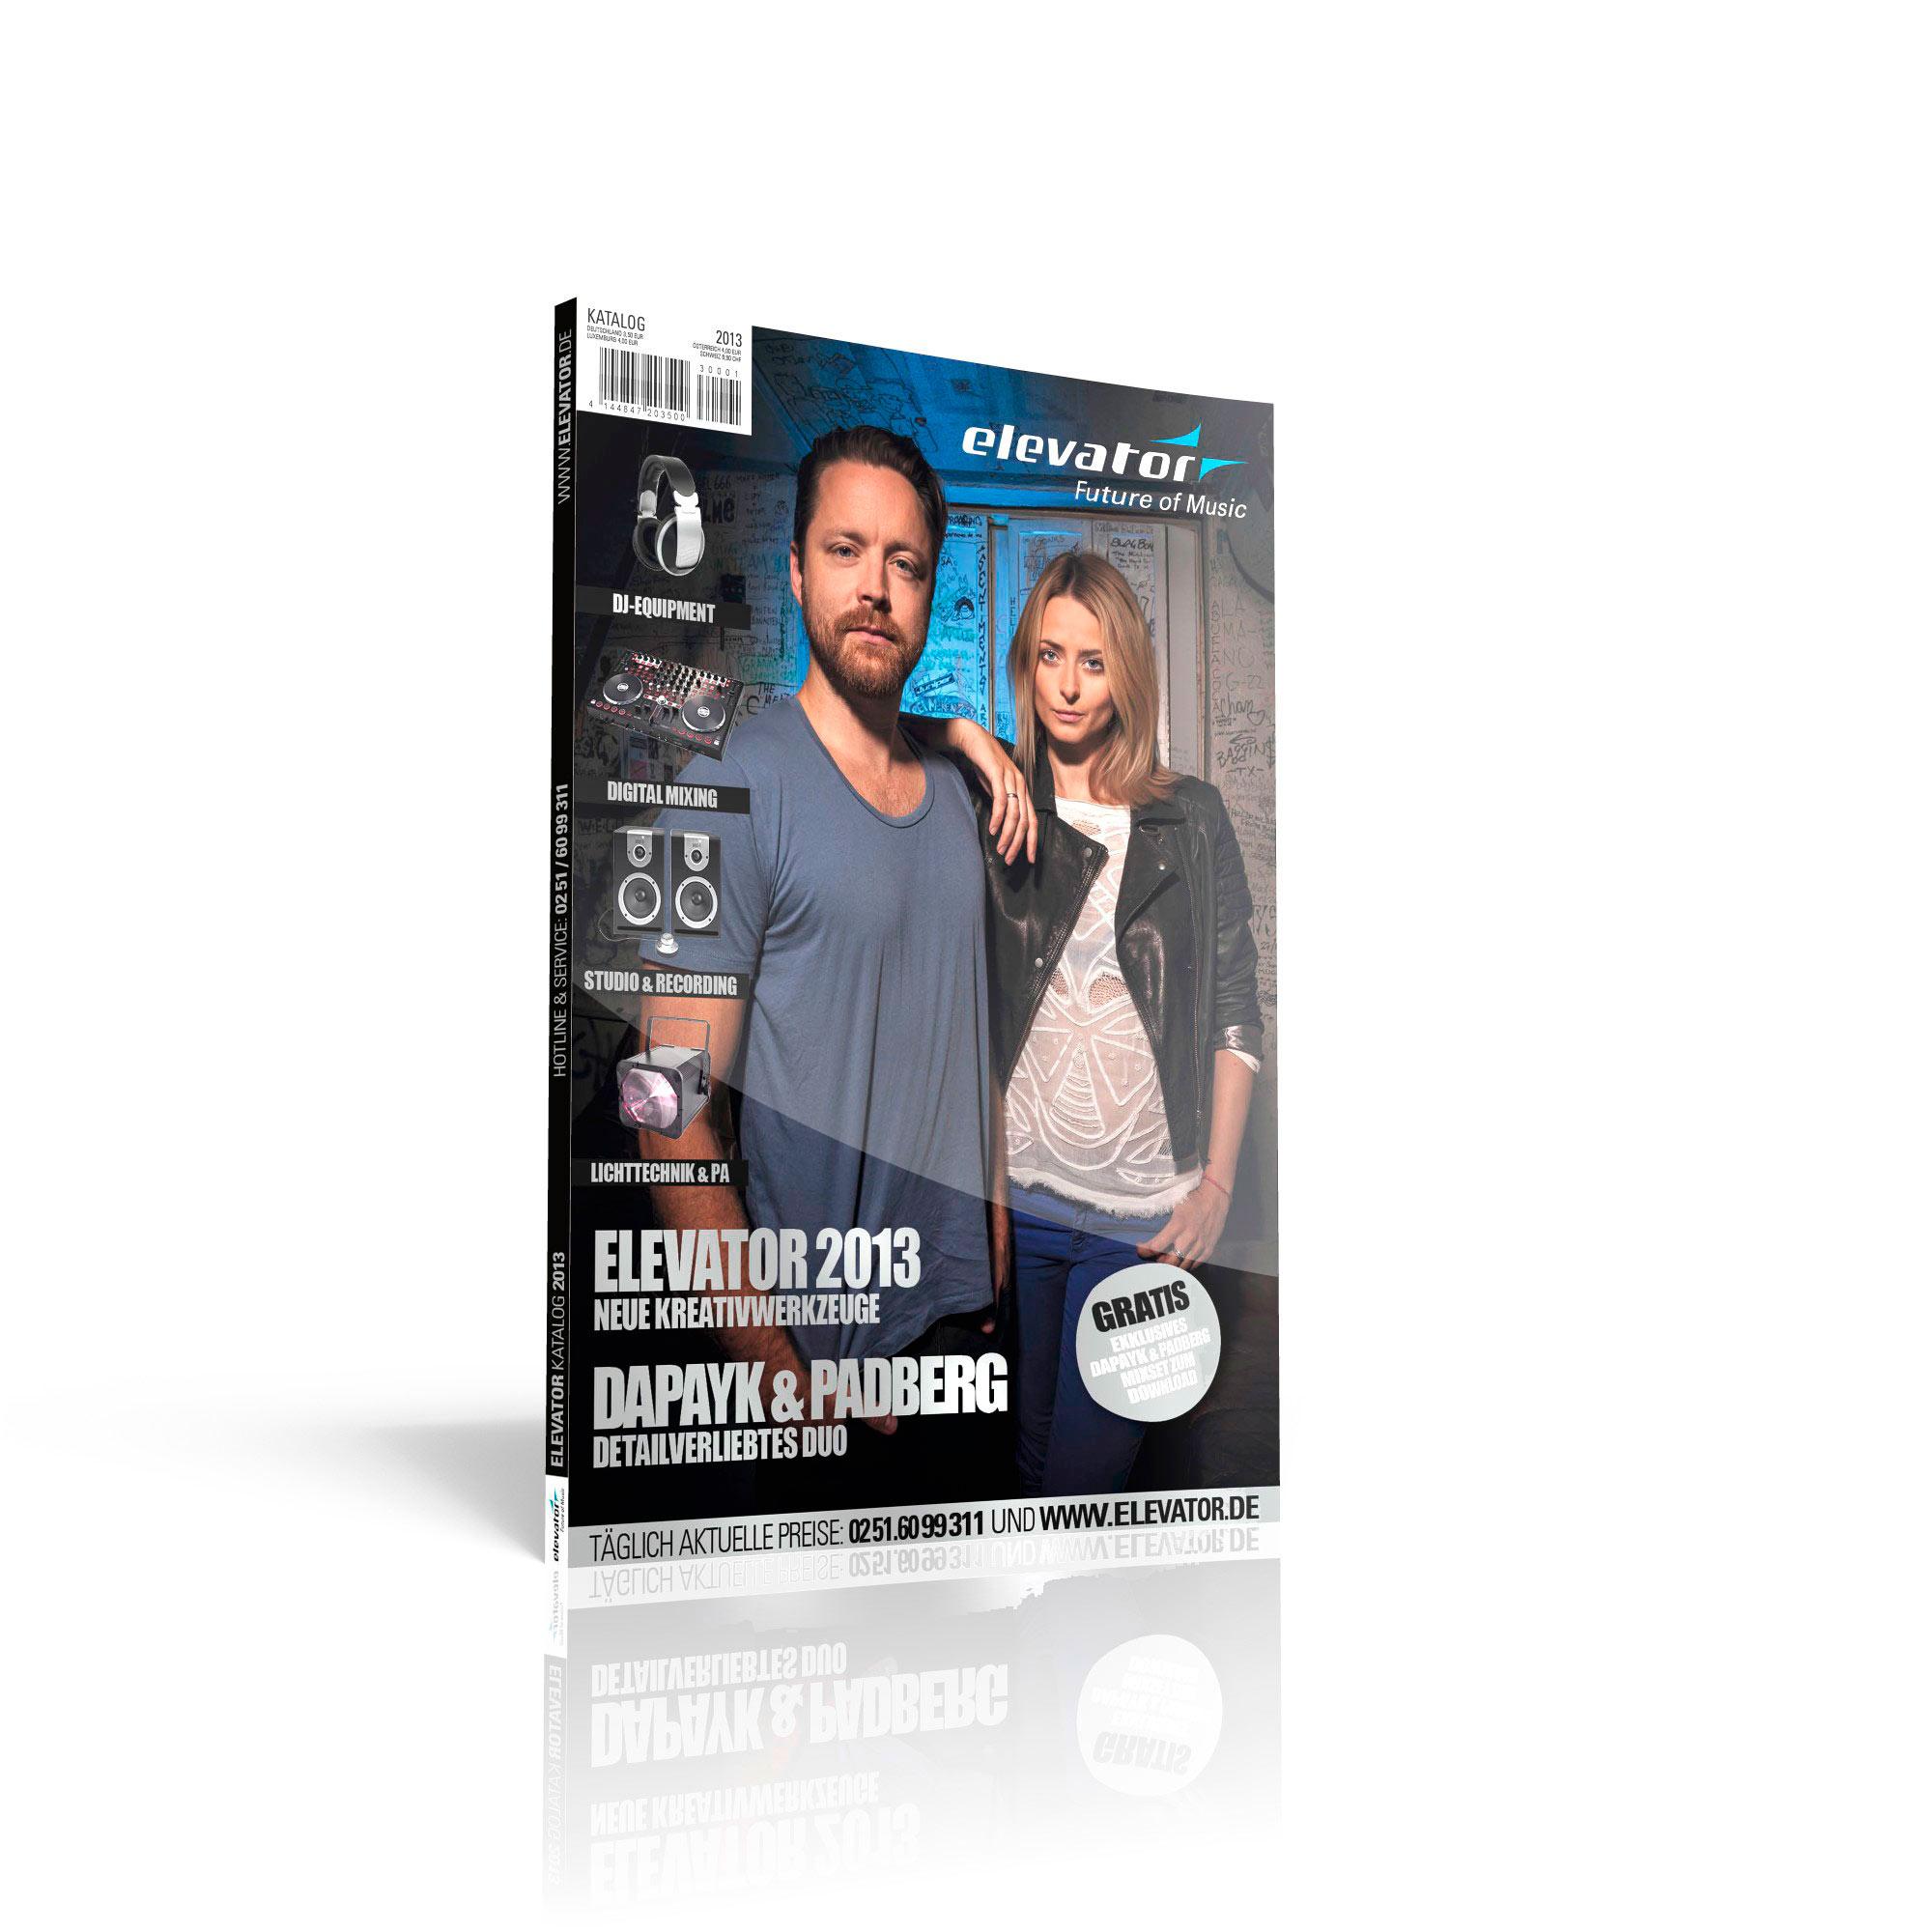 Ab heute gibt es den neuen Elevator-Katalog